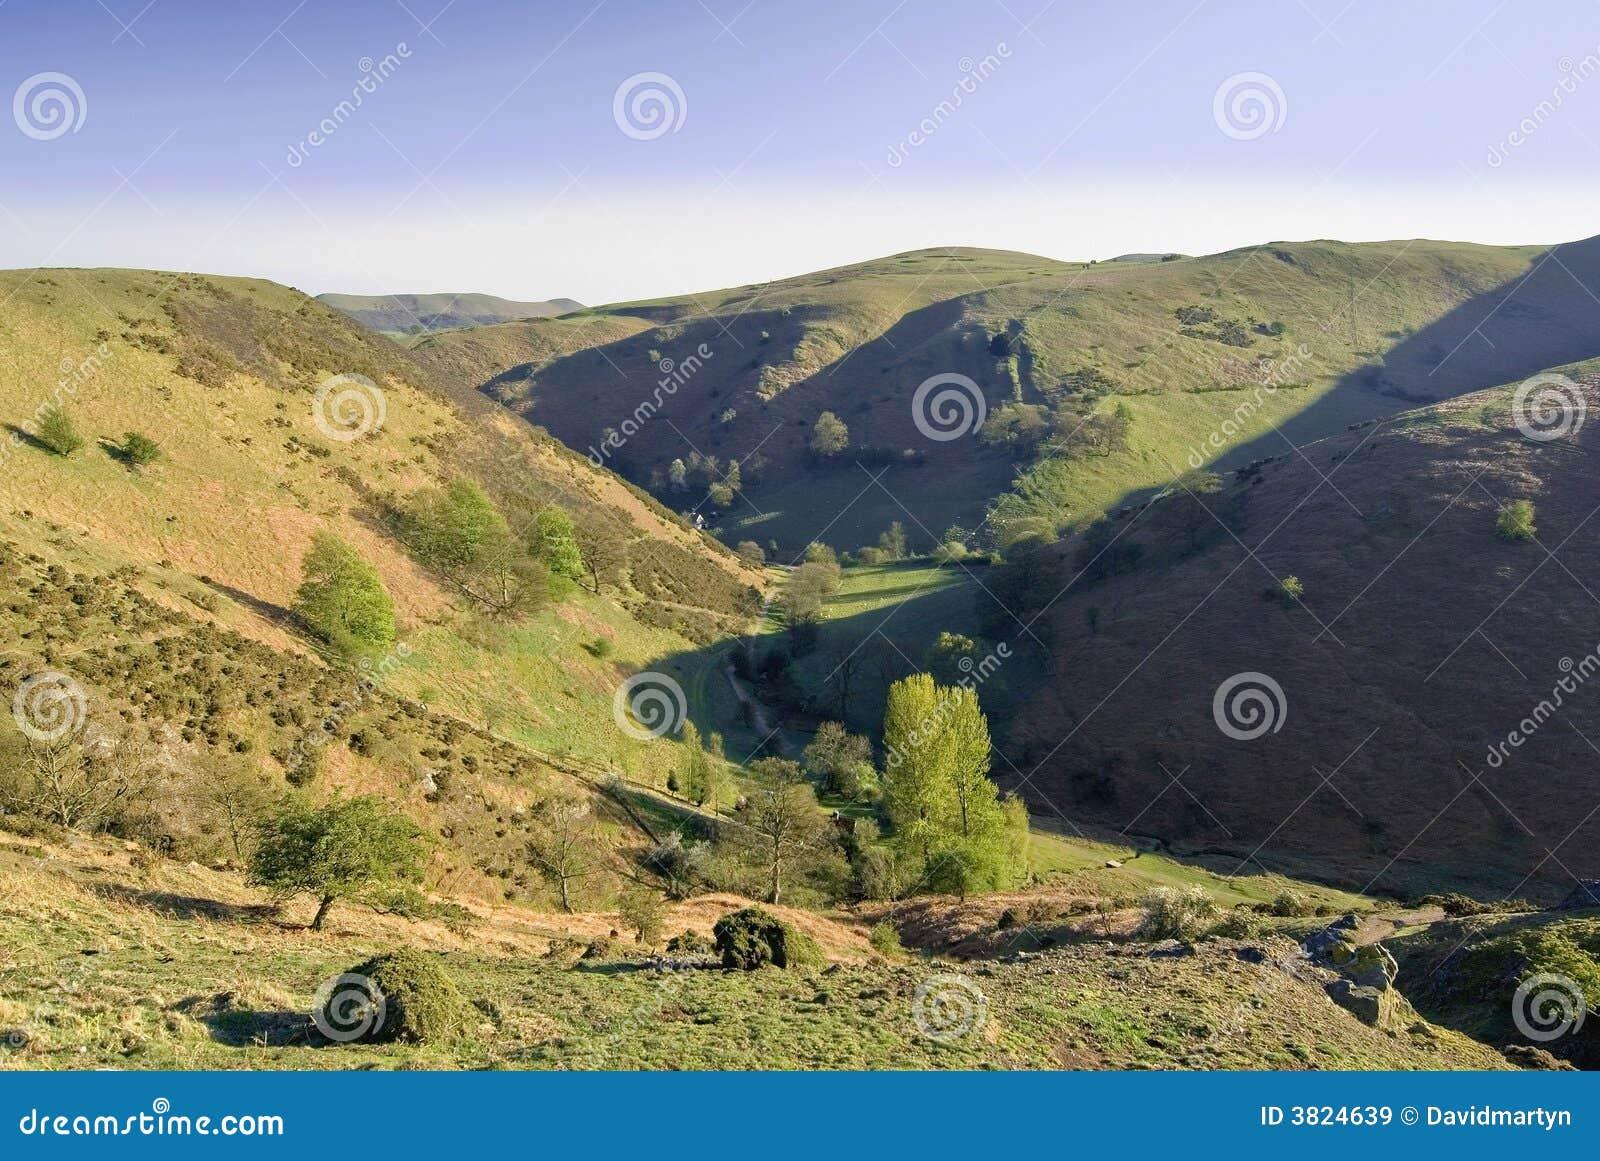 De piek van de berg